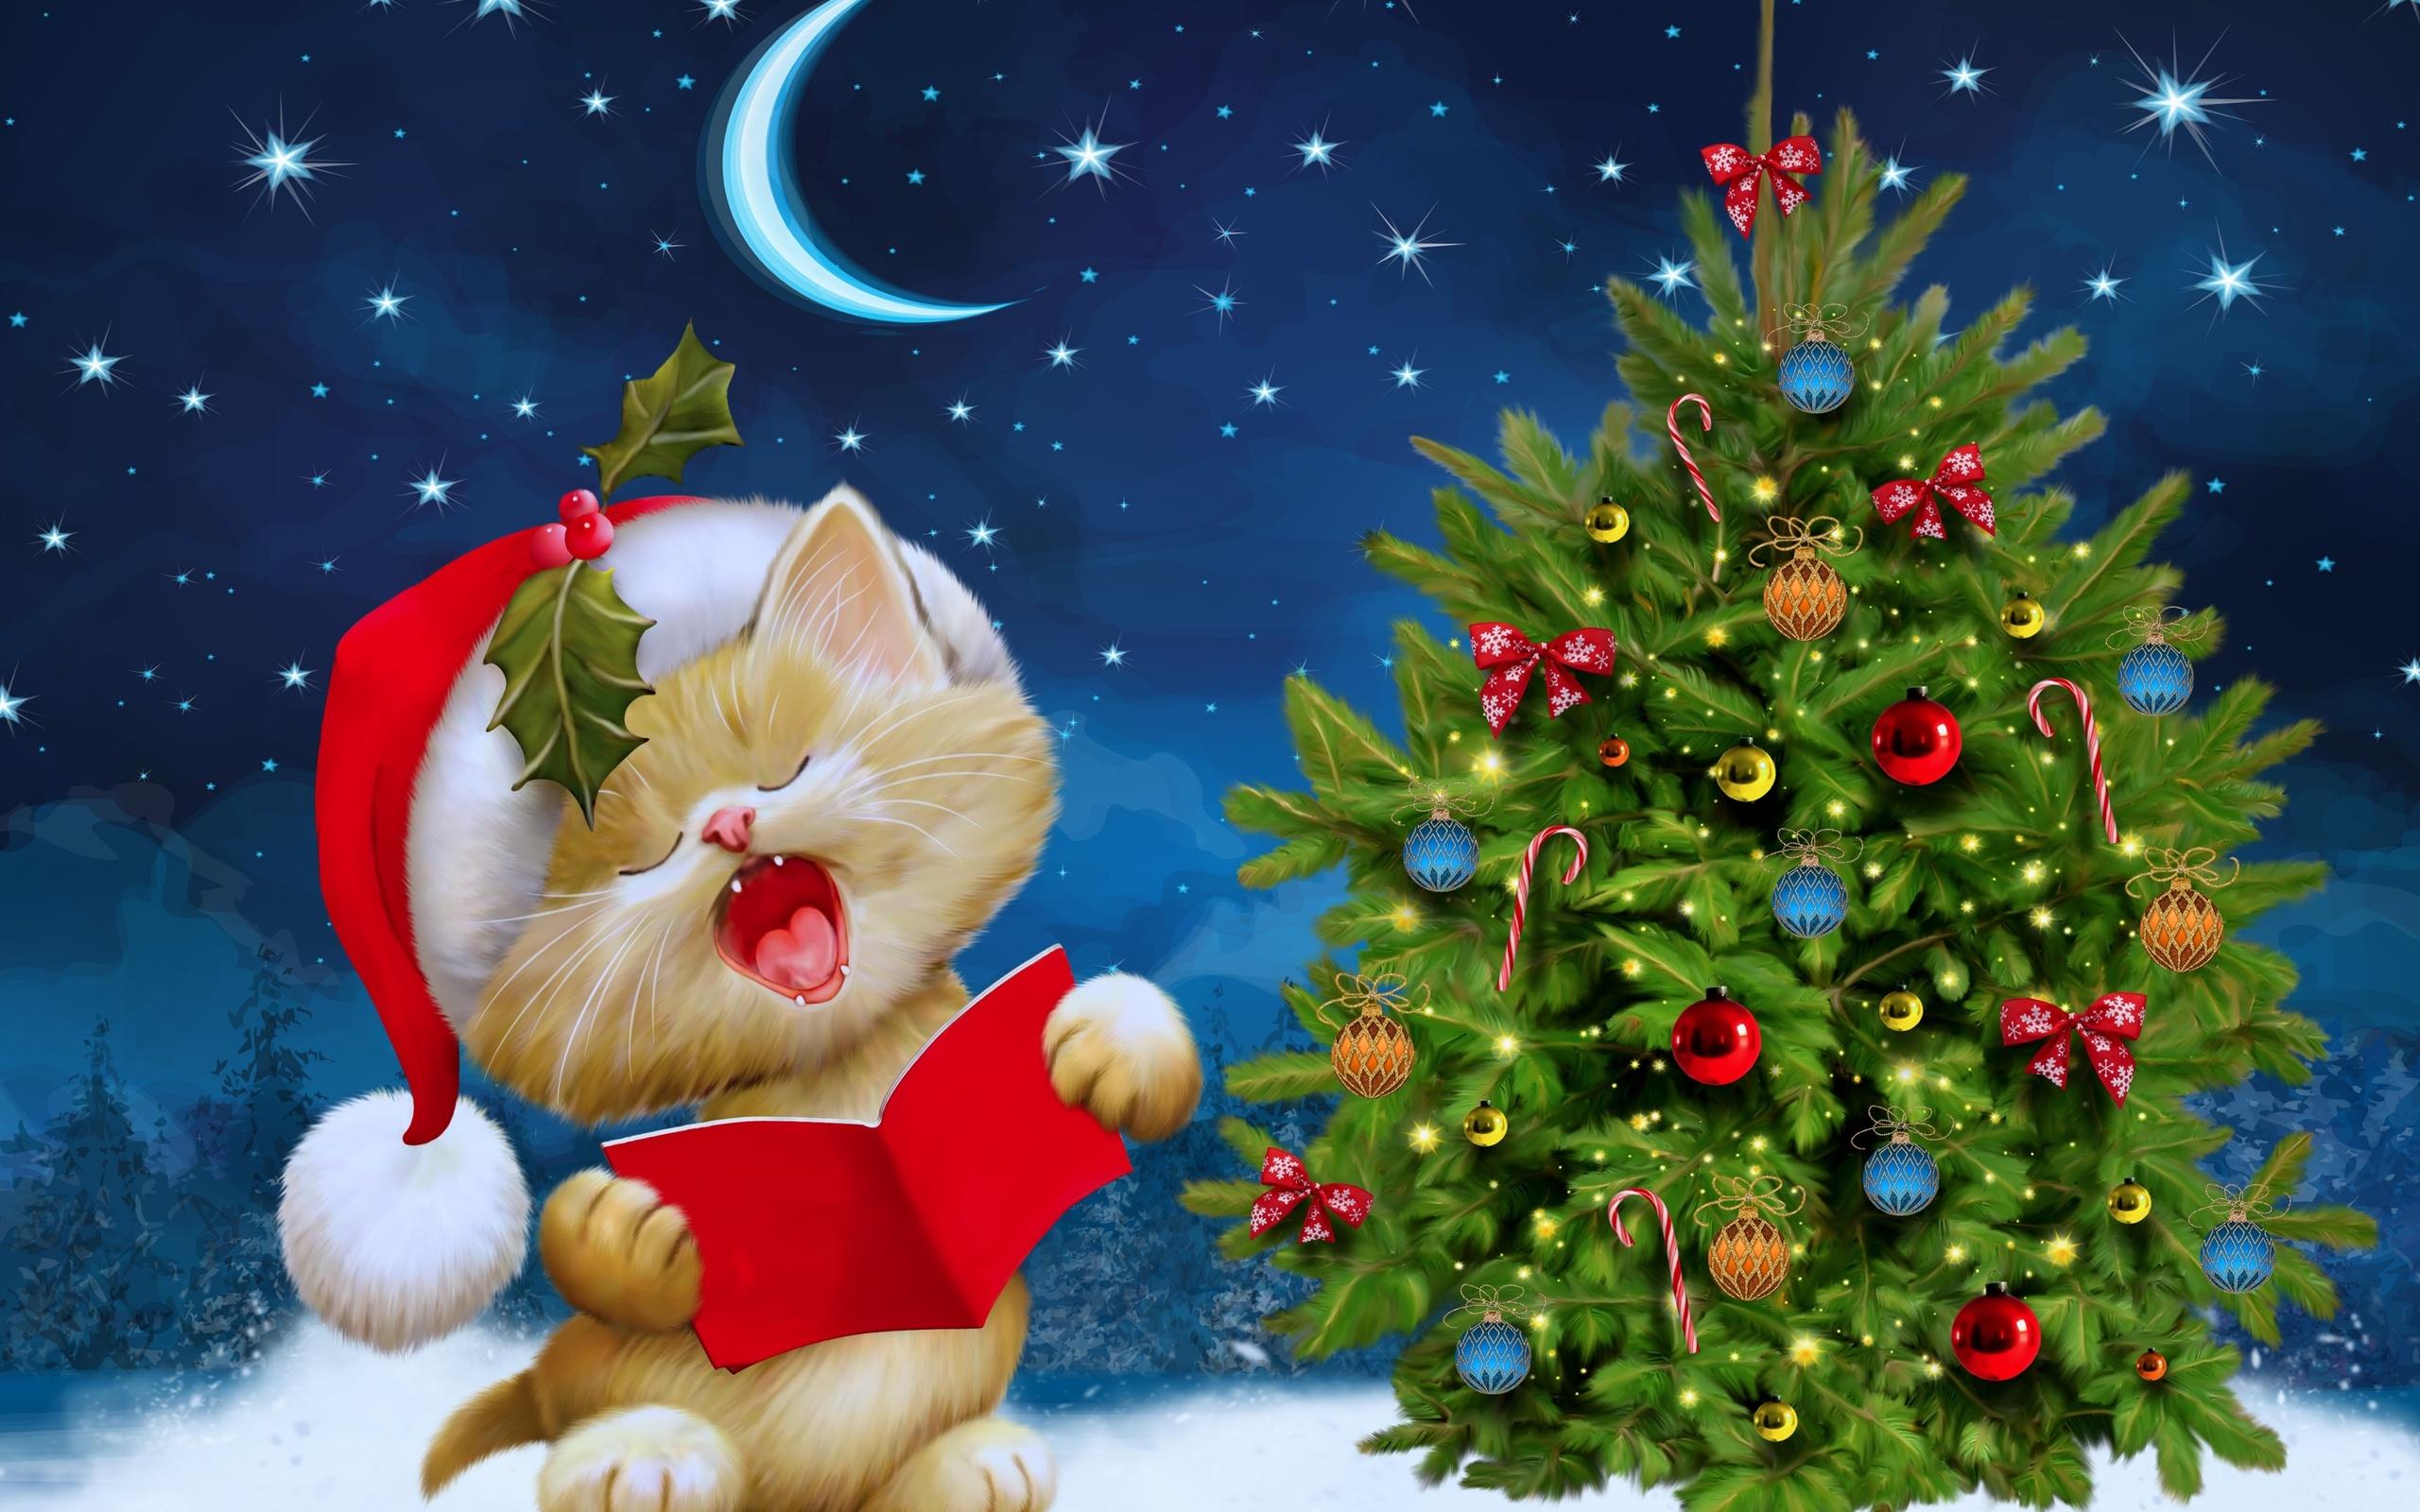 Merry Christmas kitten Ultra HD wallpaper UHD WallpapersNet 2560x1600